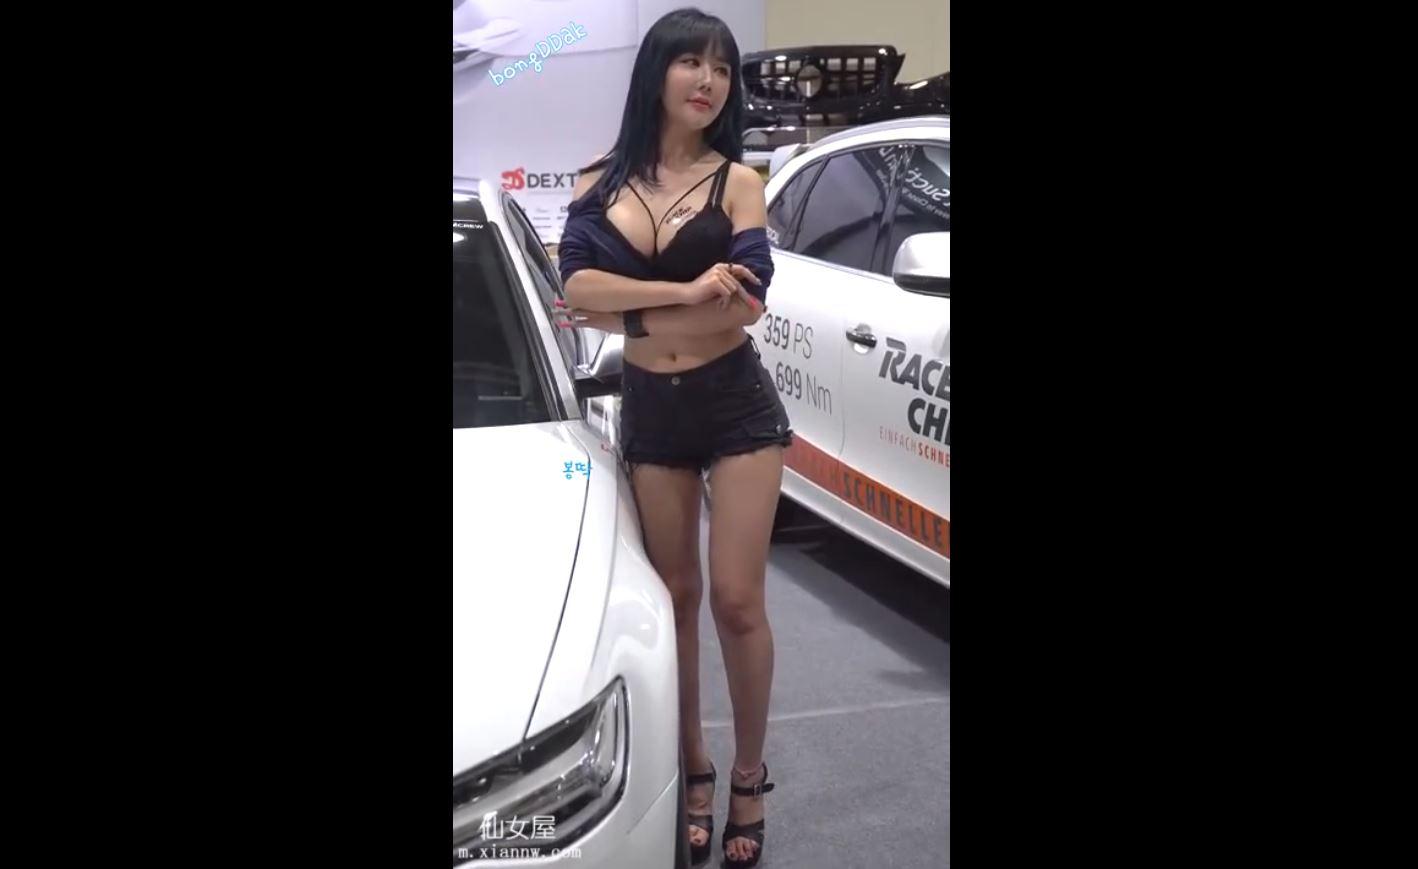 韩国性感美女车展车模 白白嫩嫩的长腿 大大巨xiong 福利视频2018/09/08